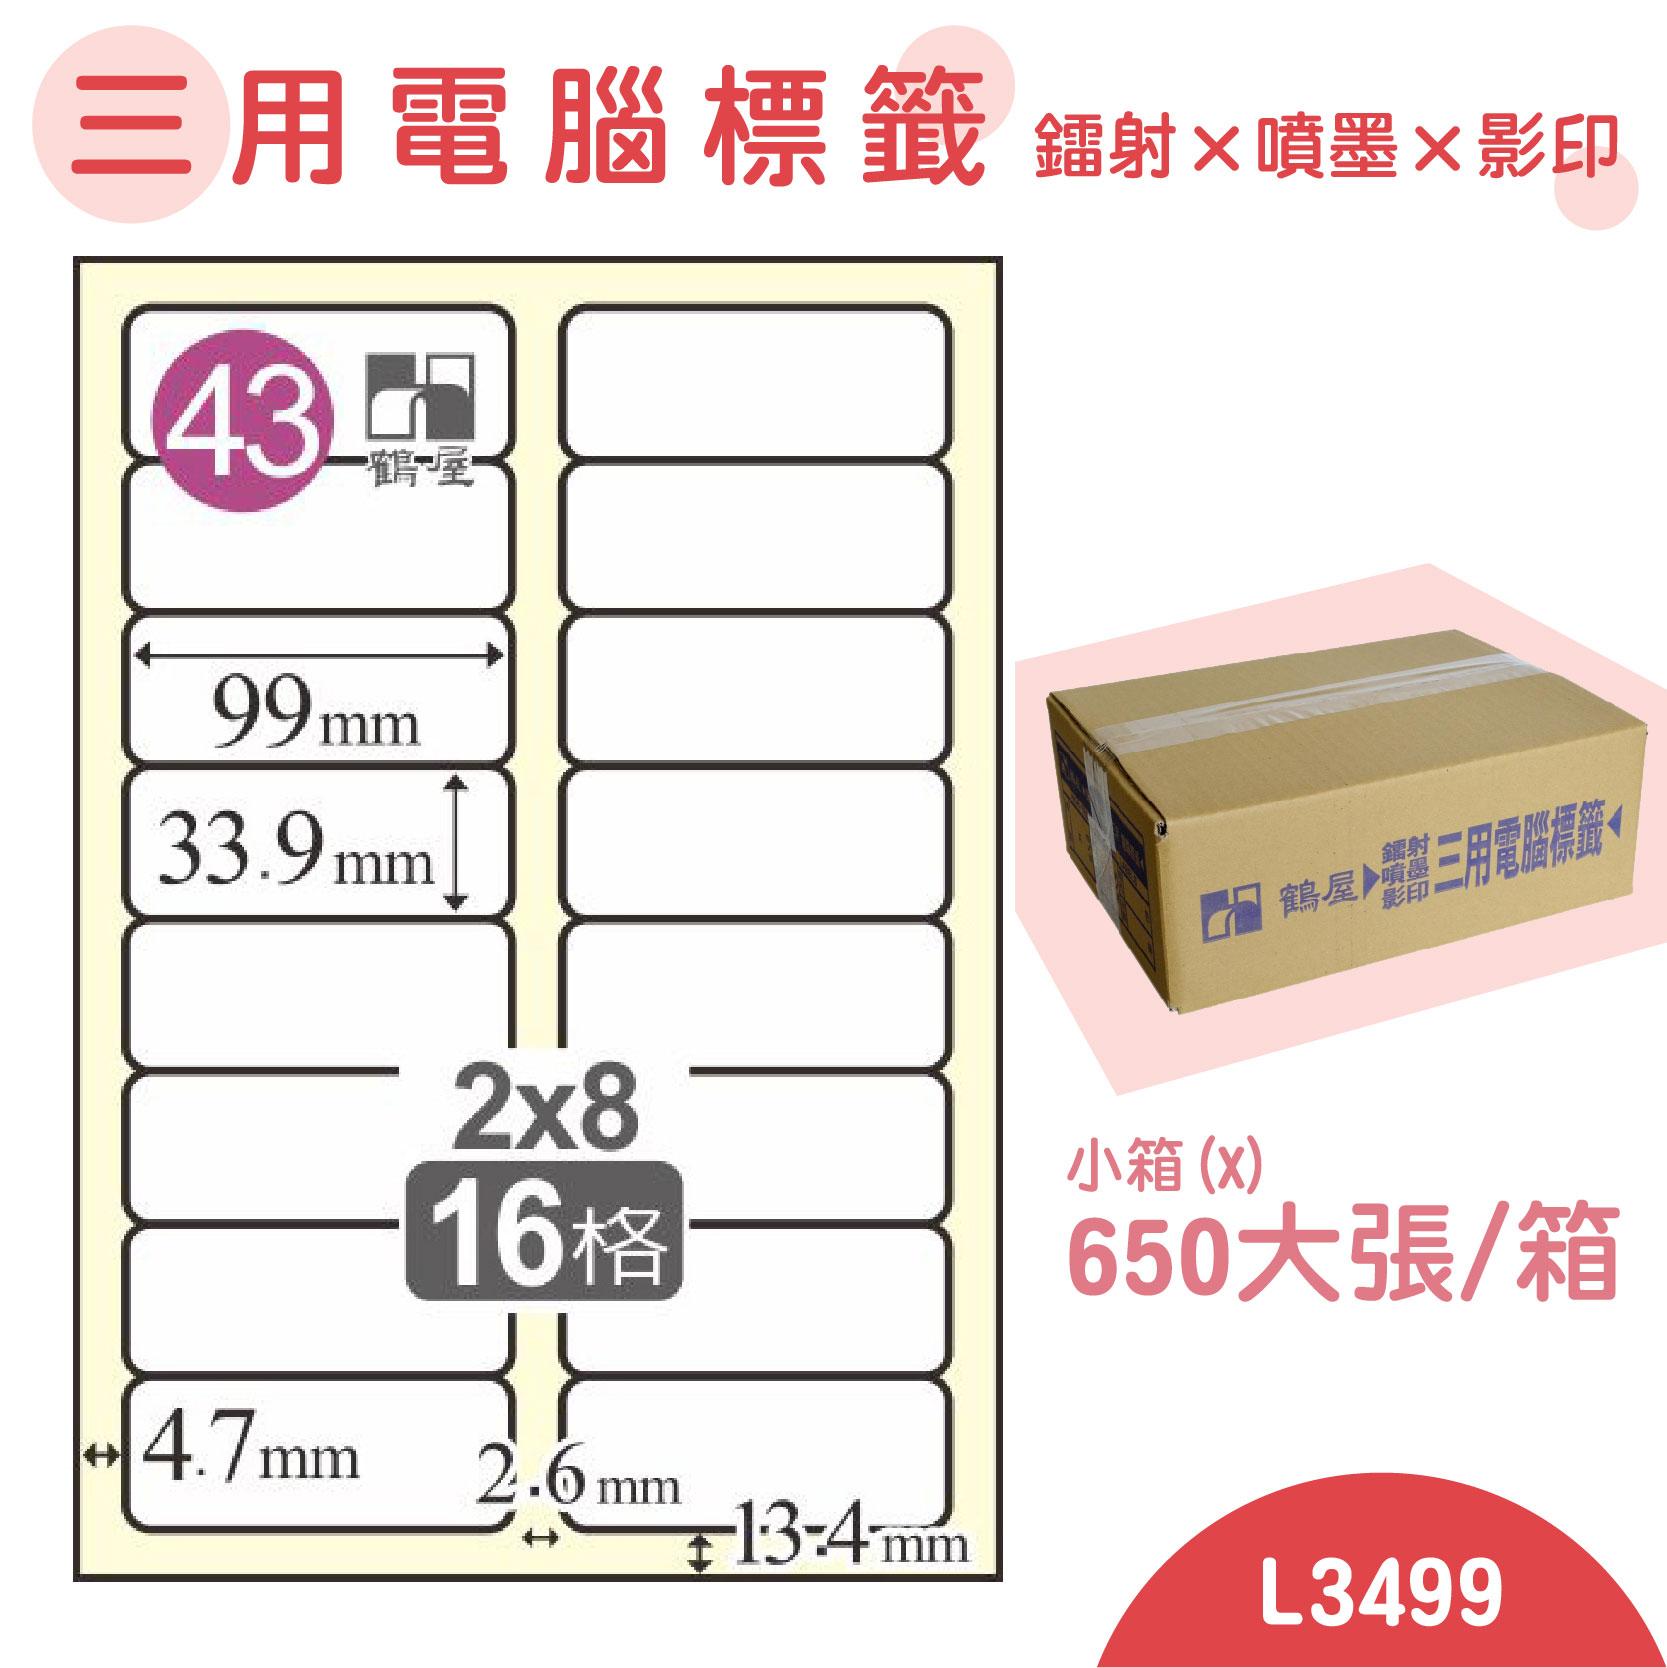 電腦標籤紙(鶴屋) 白色 L3499 16格 650大張/小箱 影印 雷射 噴墨 三用 標籤 貼紙 信封 光碟 名條